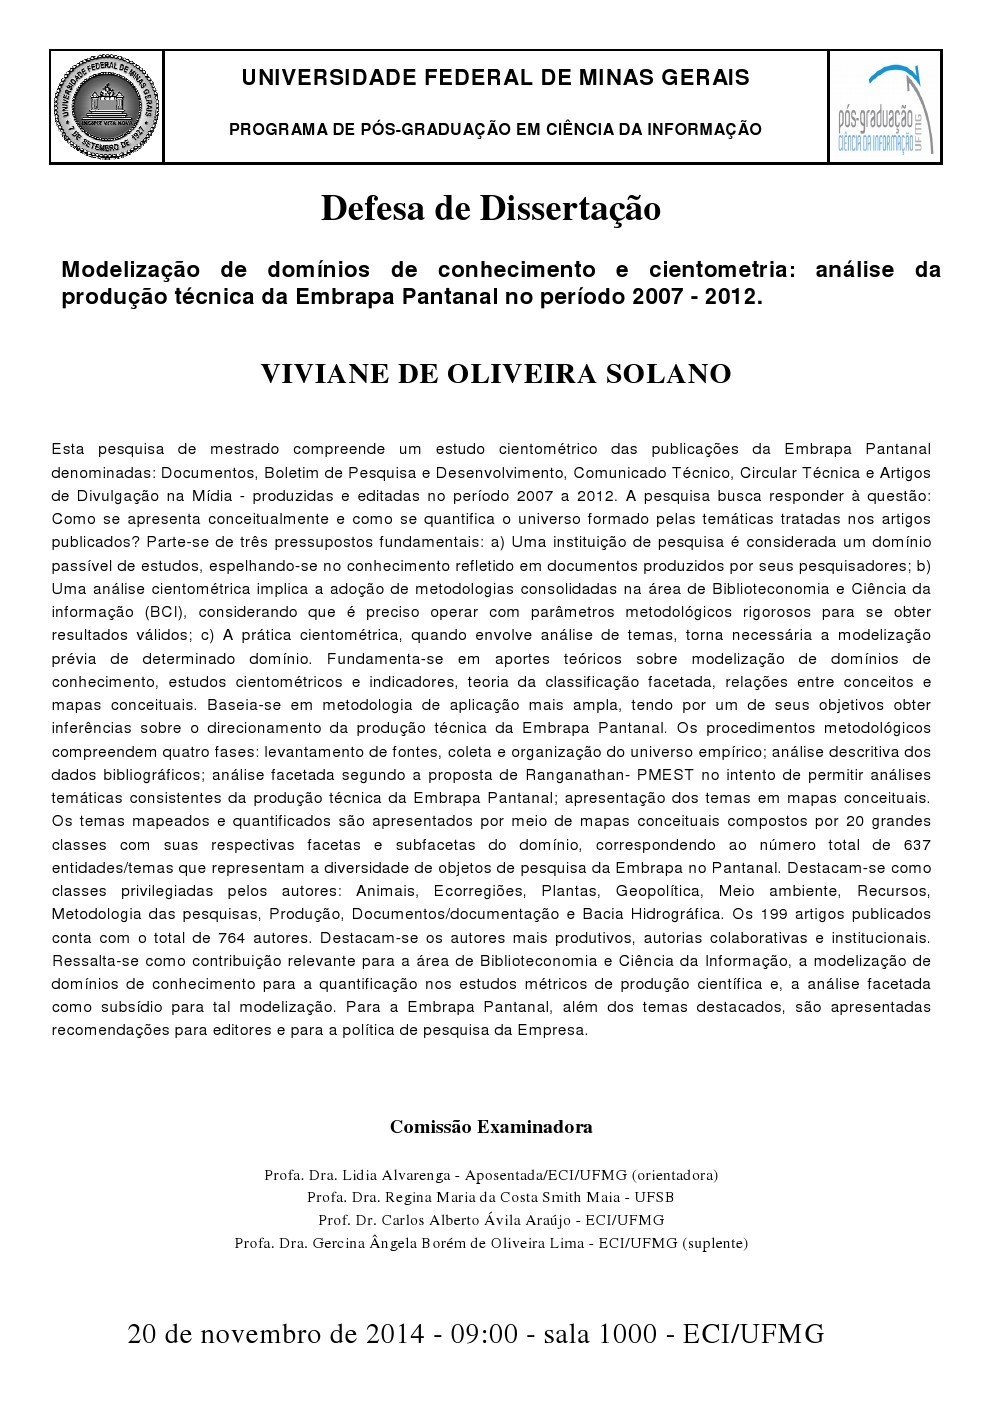 Dissertação Viviane de Oliveira Solano